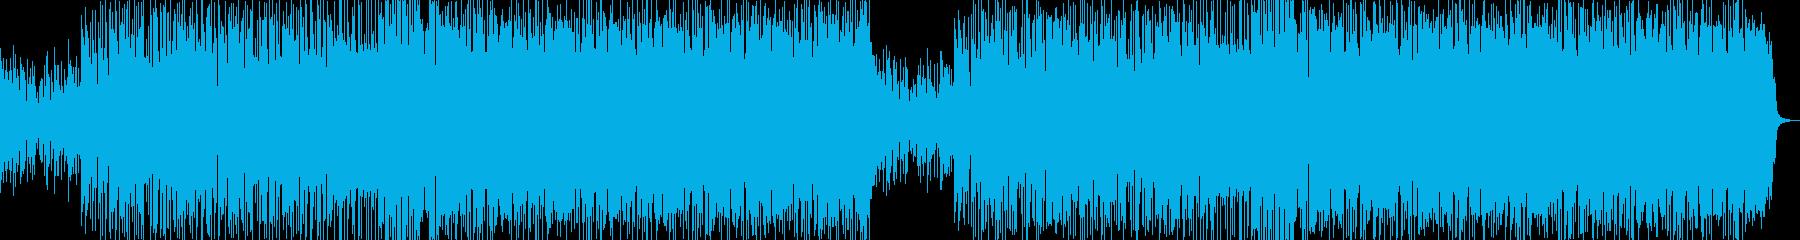 ベルが可愛いfuture bassの再生済みの波形